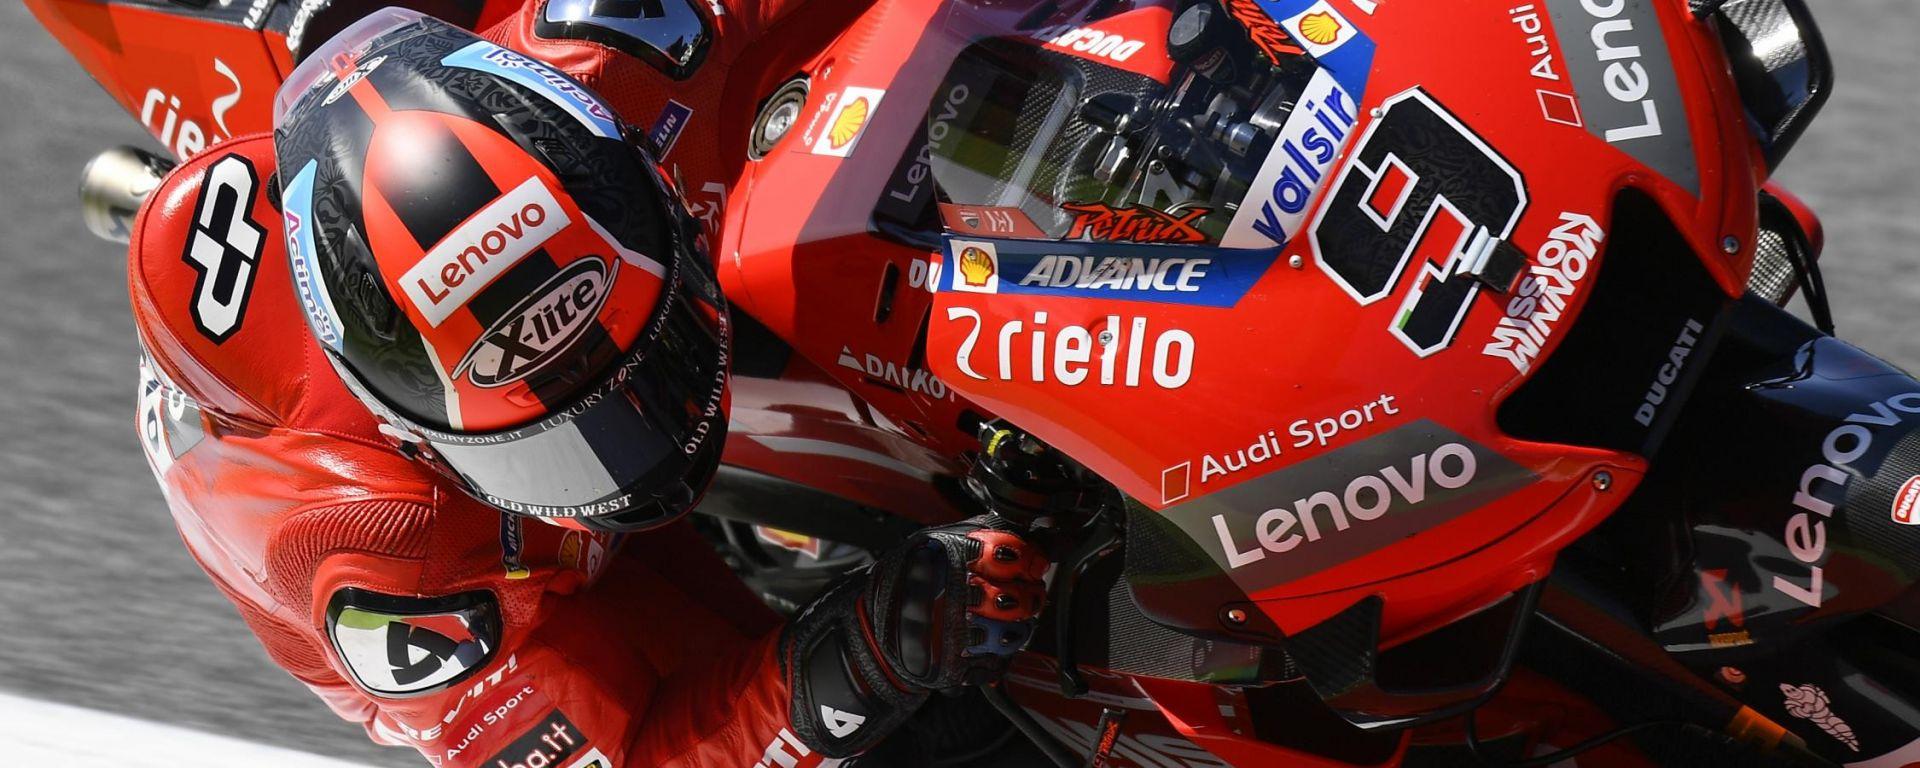 MotoGP Mugello: finalmente Petrucci! battuti Marquez e Dovi